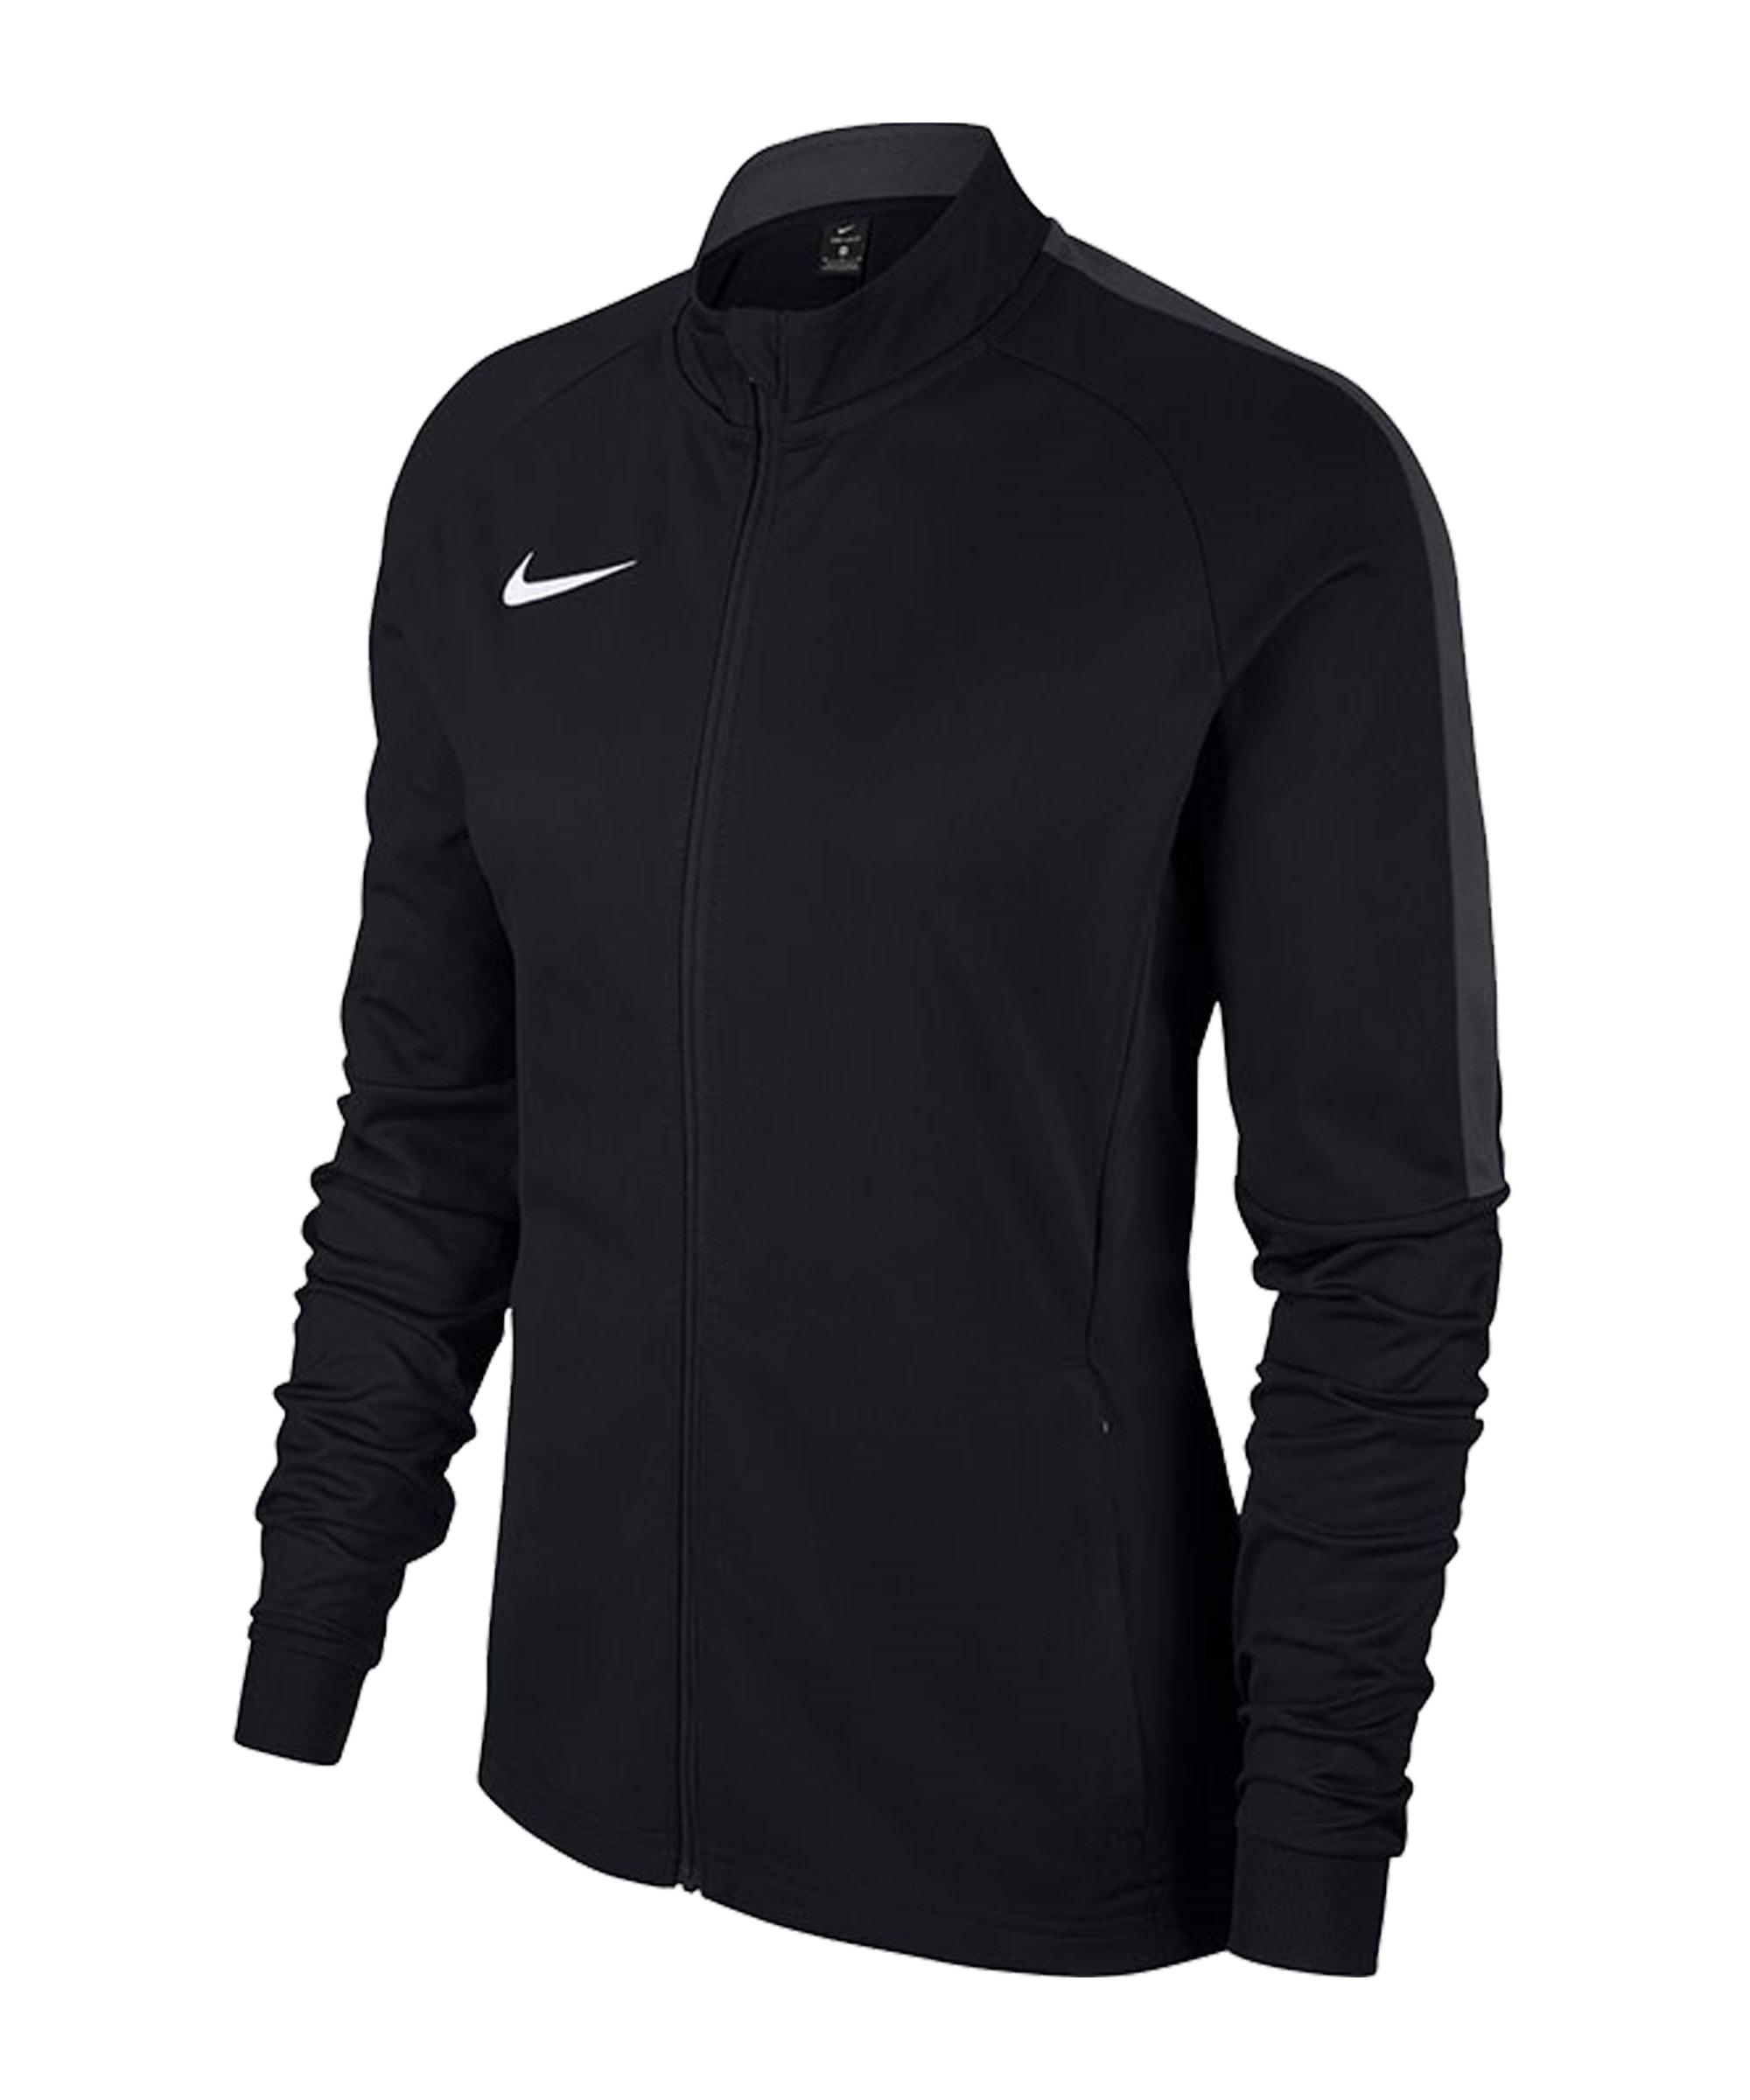 Nike Academy 18 Knit Trainingsjacke Damen F010 - schwarz